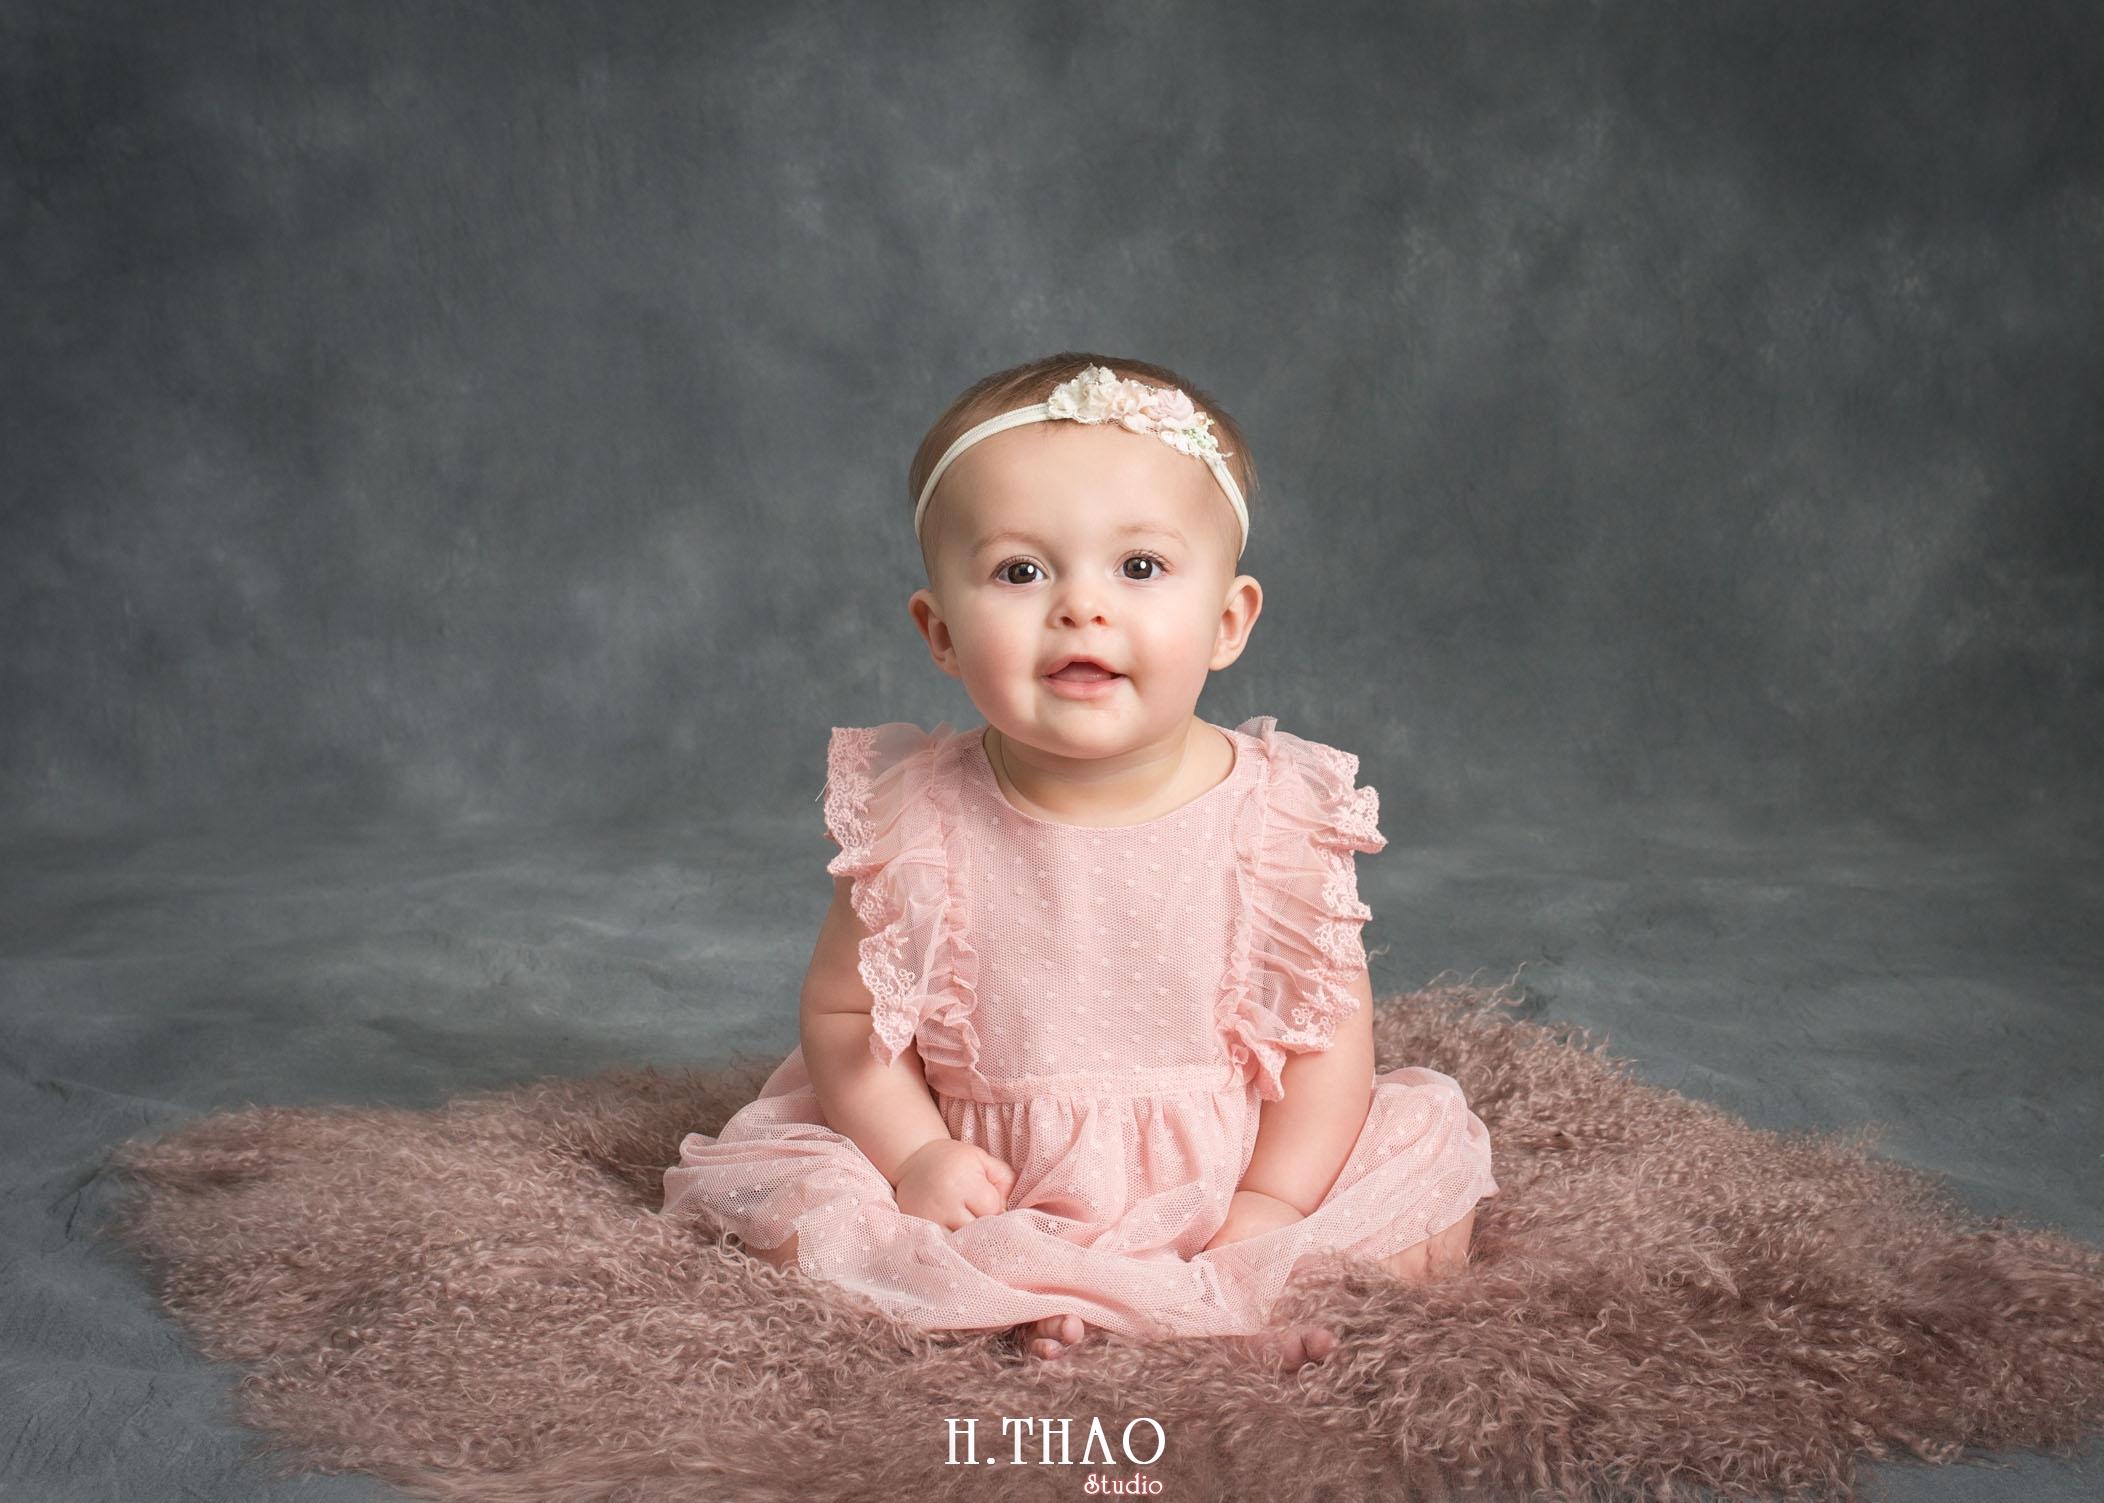 baby 1 min - Studio chụp hình cho bé đẹp ở Tp.HCM